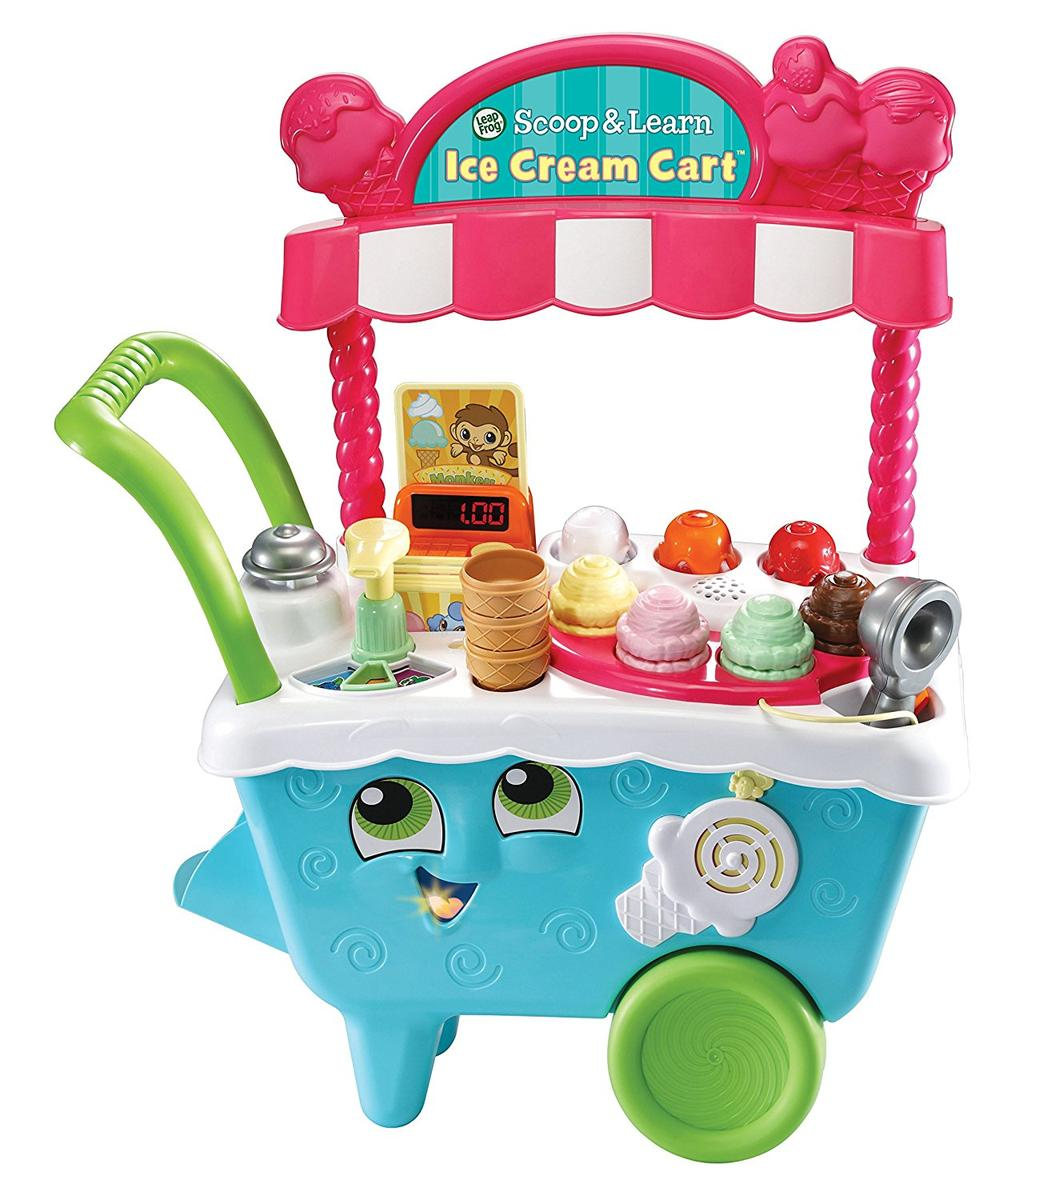 LeapFrog リープフロッグ アイスクリームカート 子供 英語 学習 知育 玩具 海外 ままごと おもちゃ